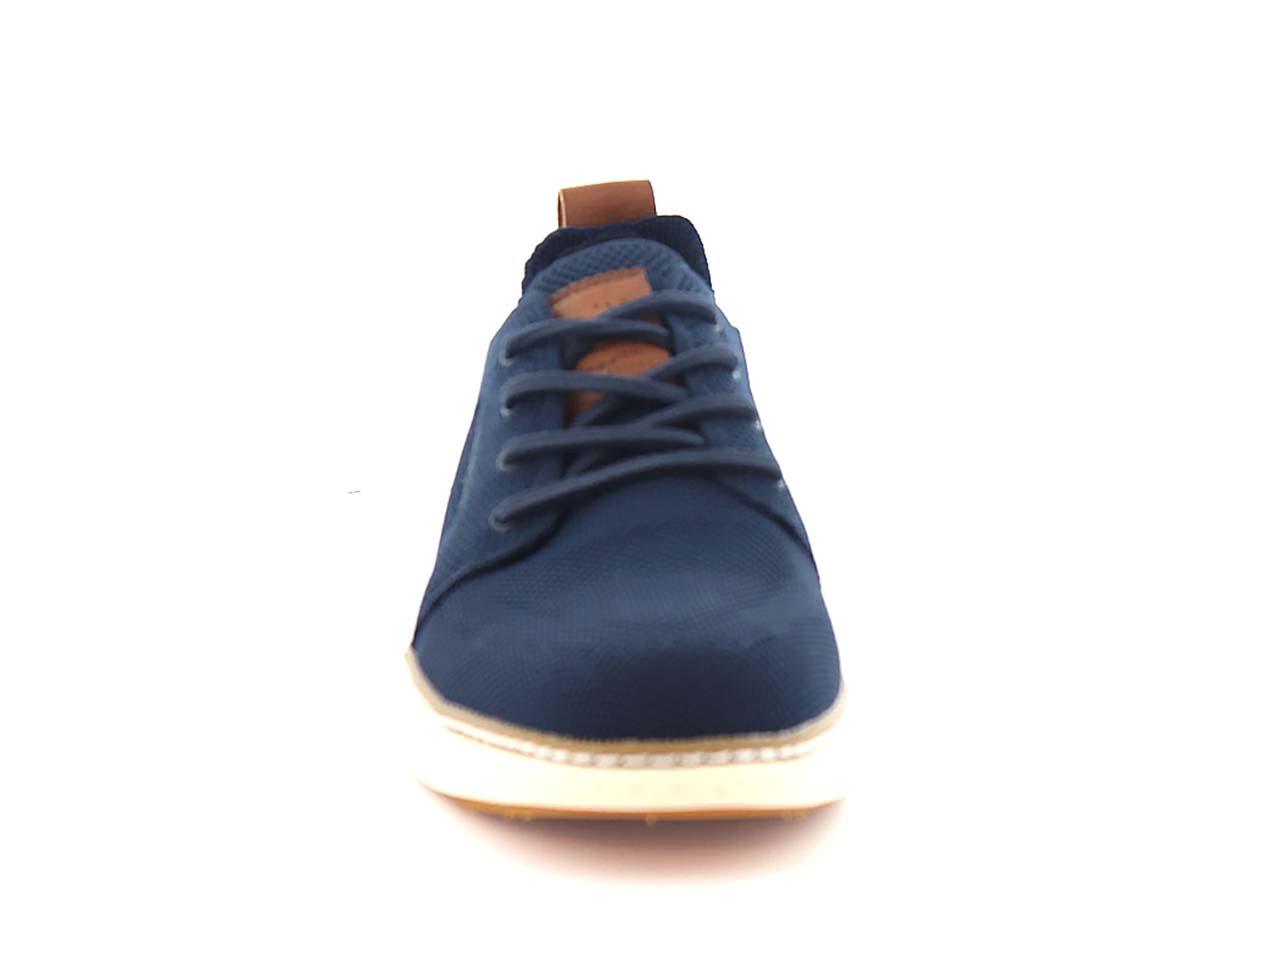 bättre köpa bäst utloppsbutik rabatt bergqvist skor